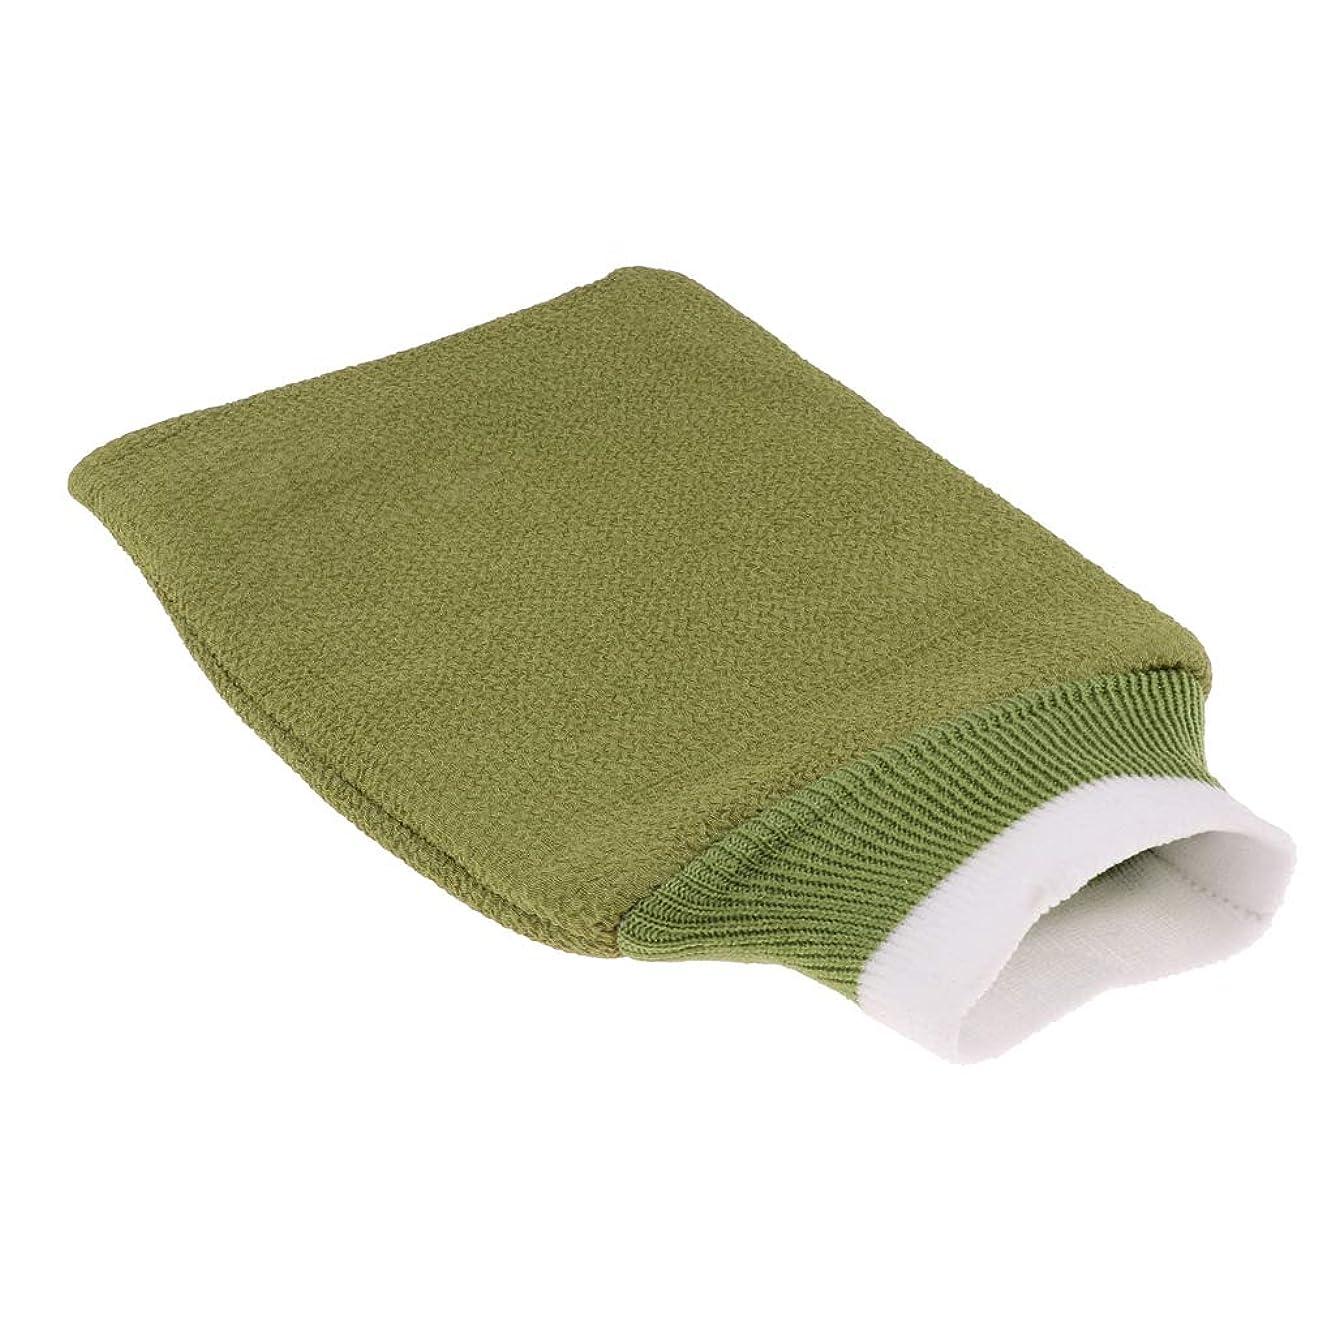 戦いフェッチお世話になったgazechimp バスグローブ 浴用手袋 シャワー用 バスミット 垢すり手袋 毛穴清潔 角質除去 男女兼用 全3色 - 緑